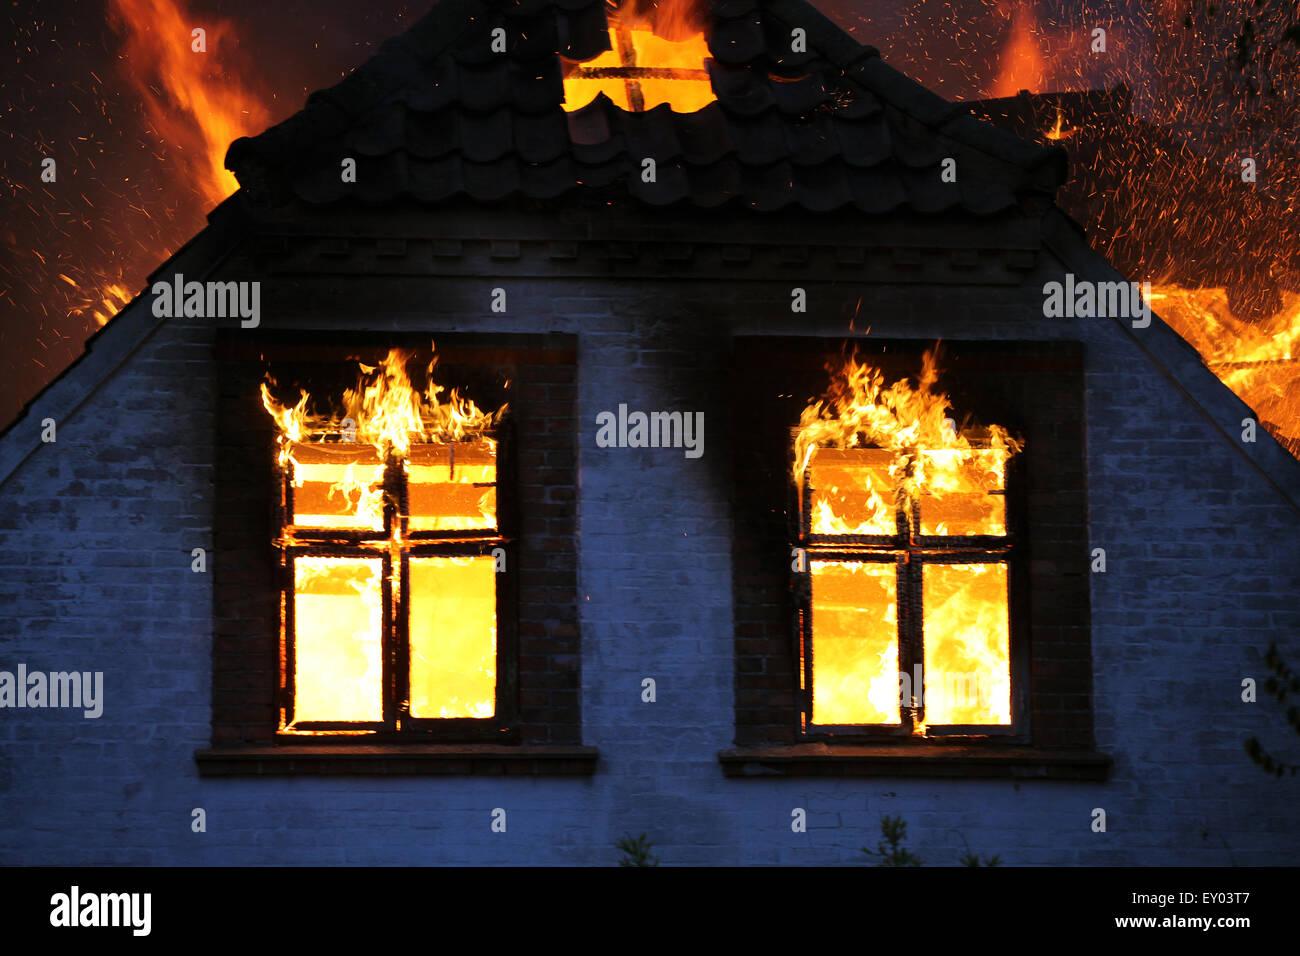 Feu à la maison. En brûlant des flammes sauvages. Photo Stock